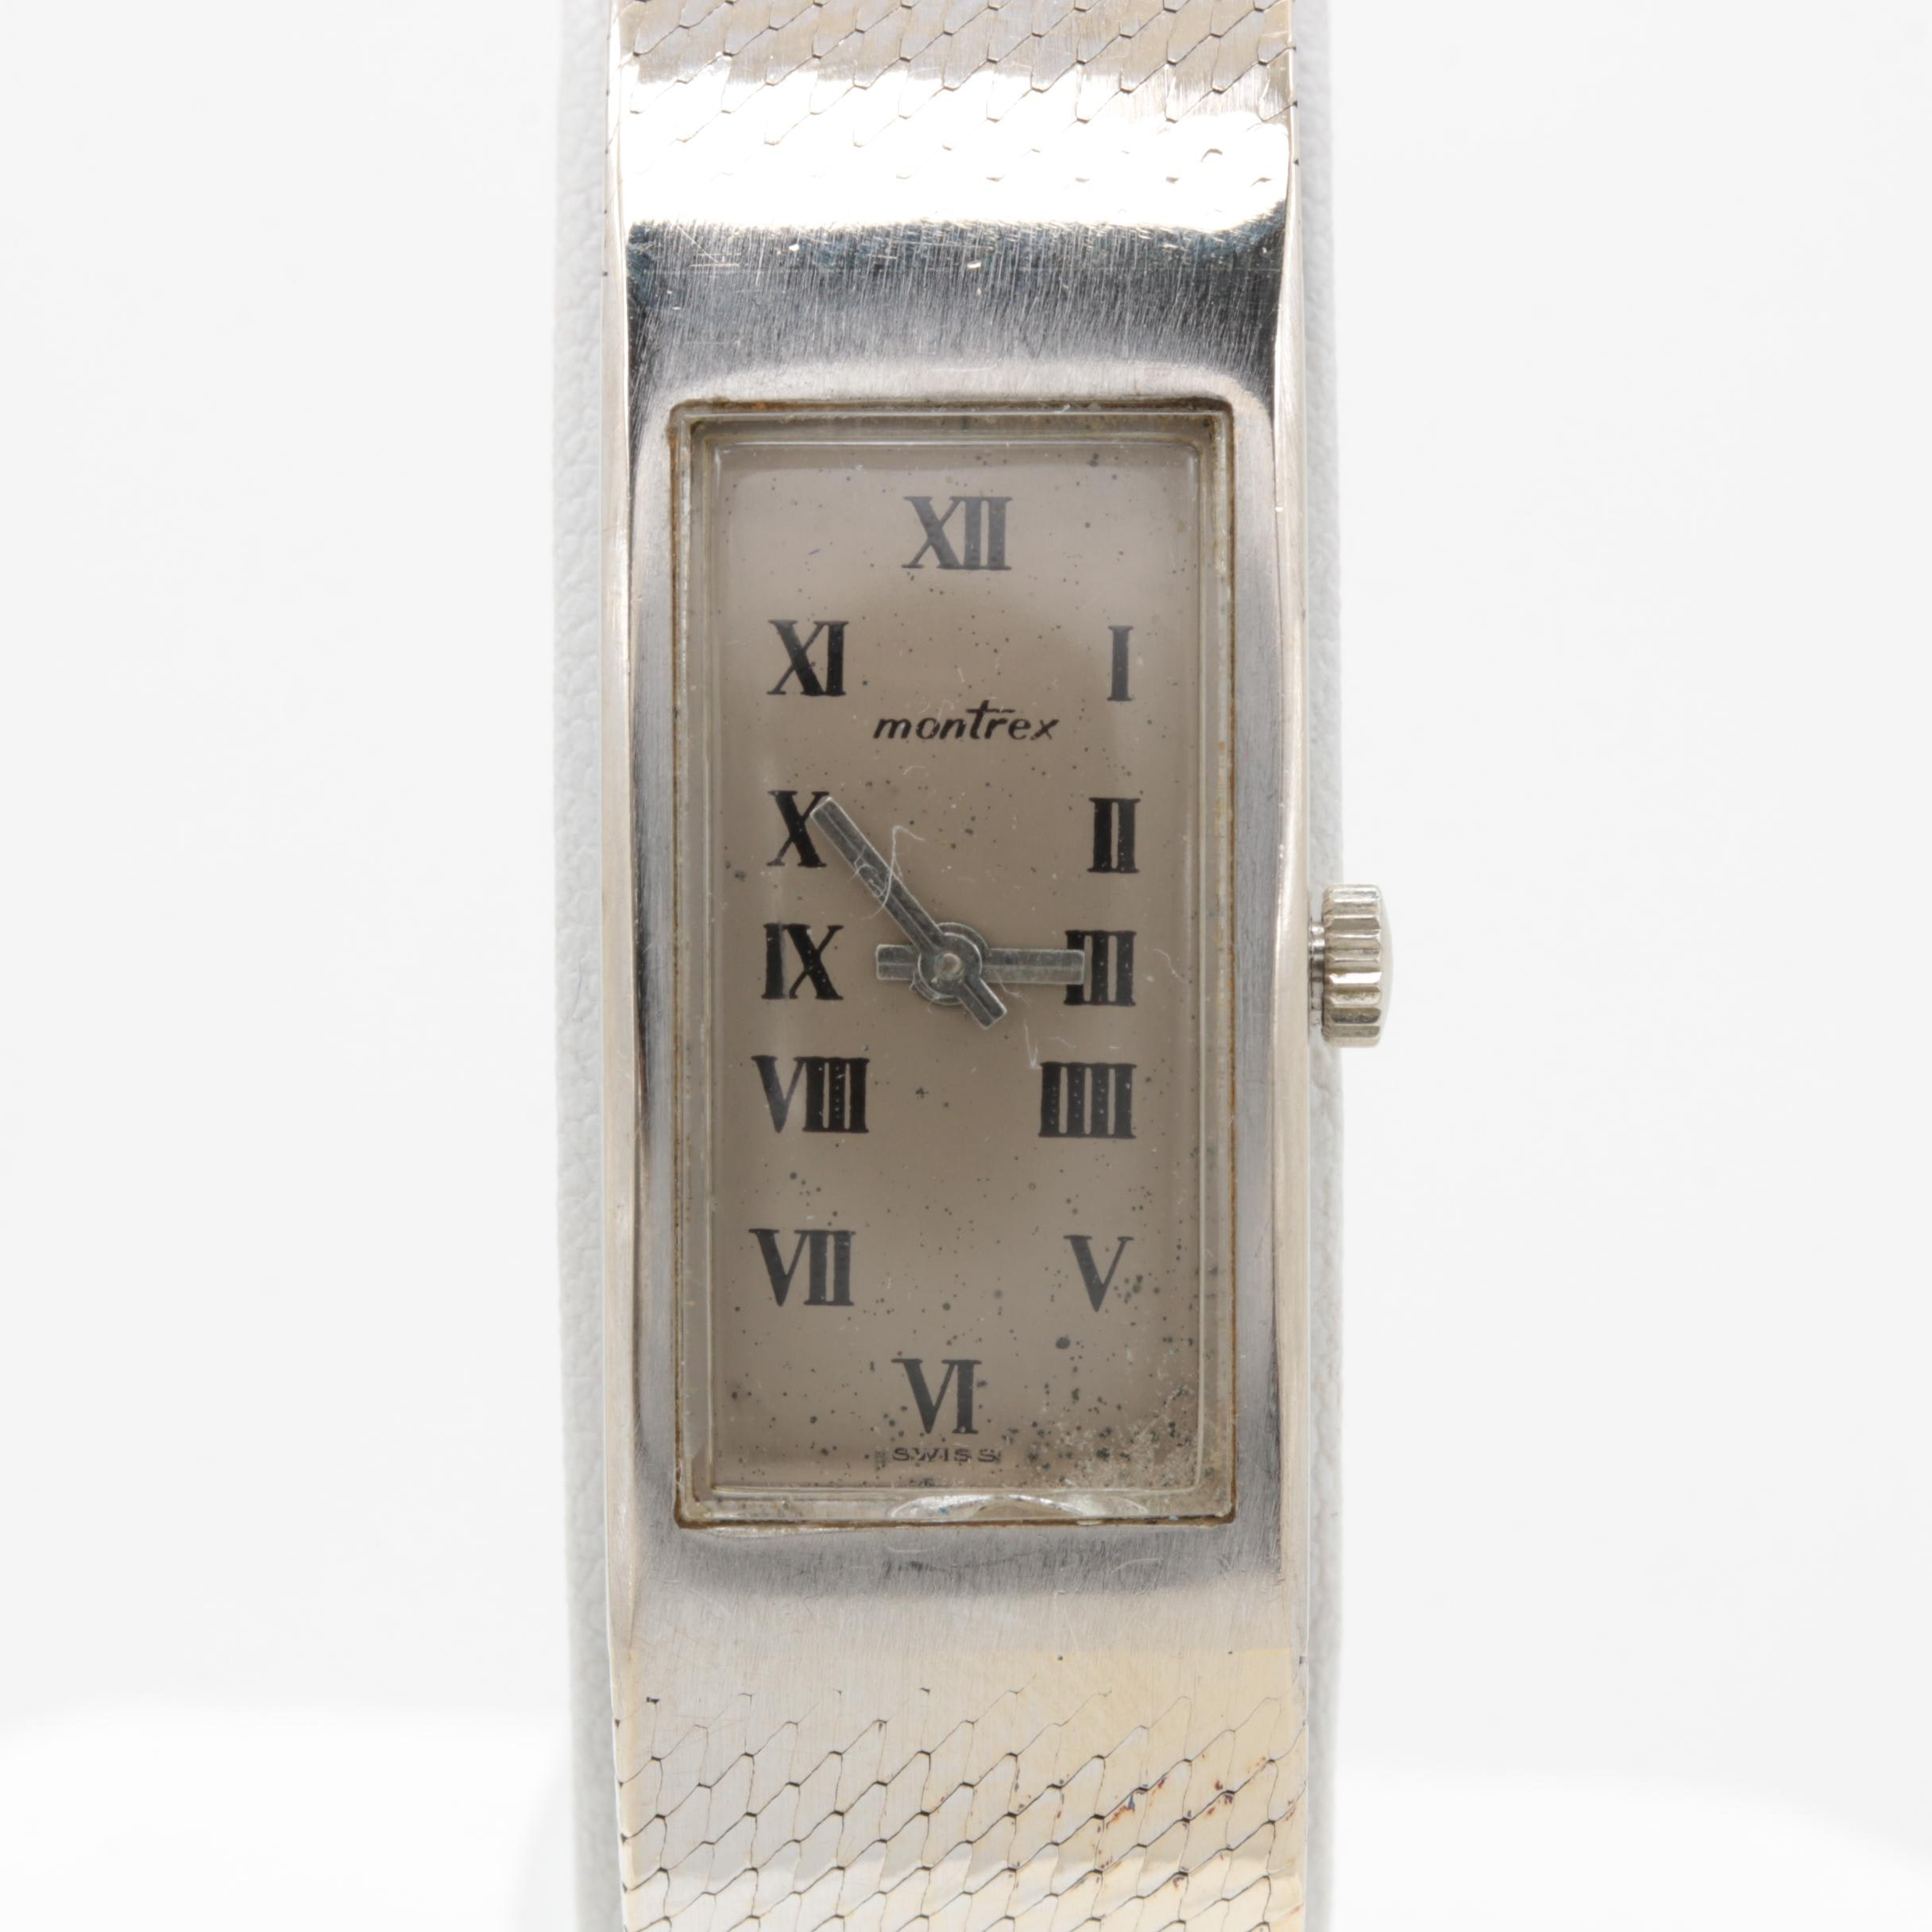 Montrex 18K White Gold Stem Wind Wristwatch